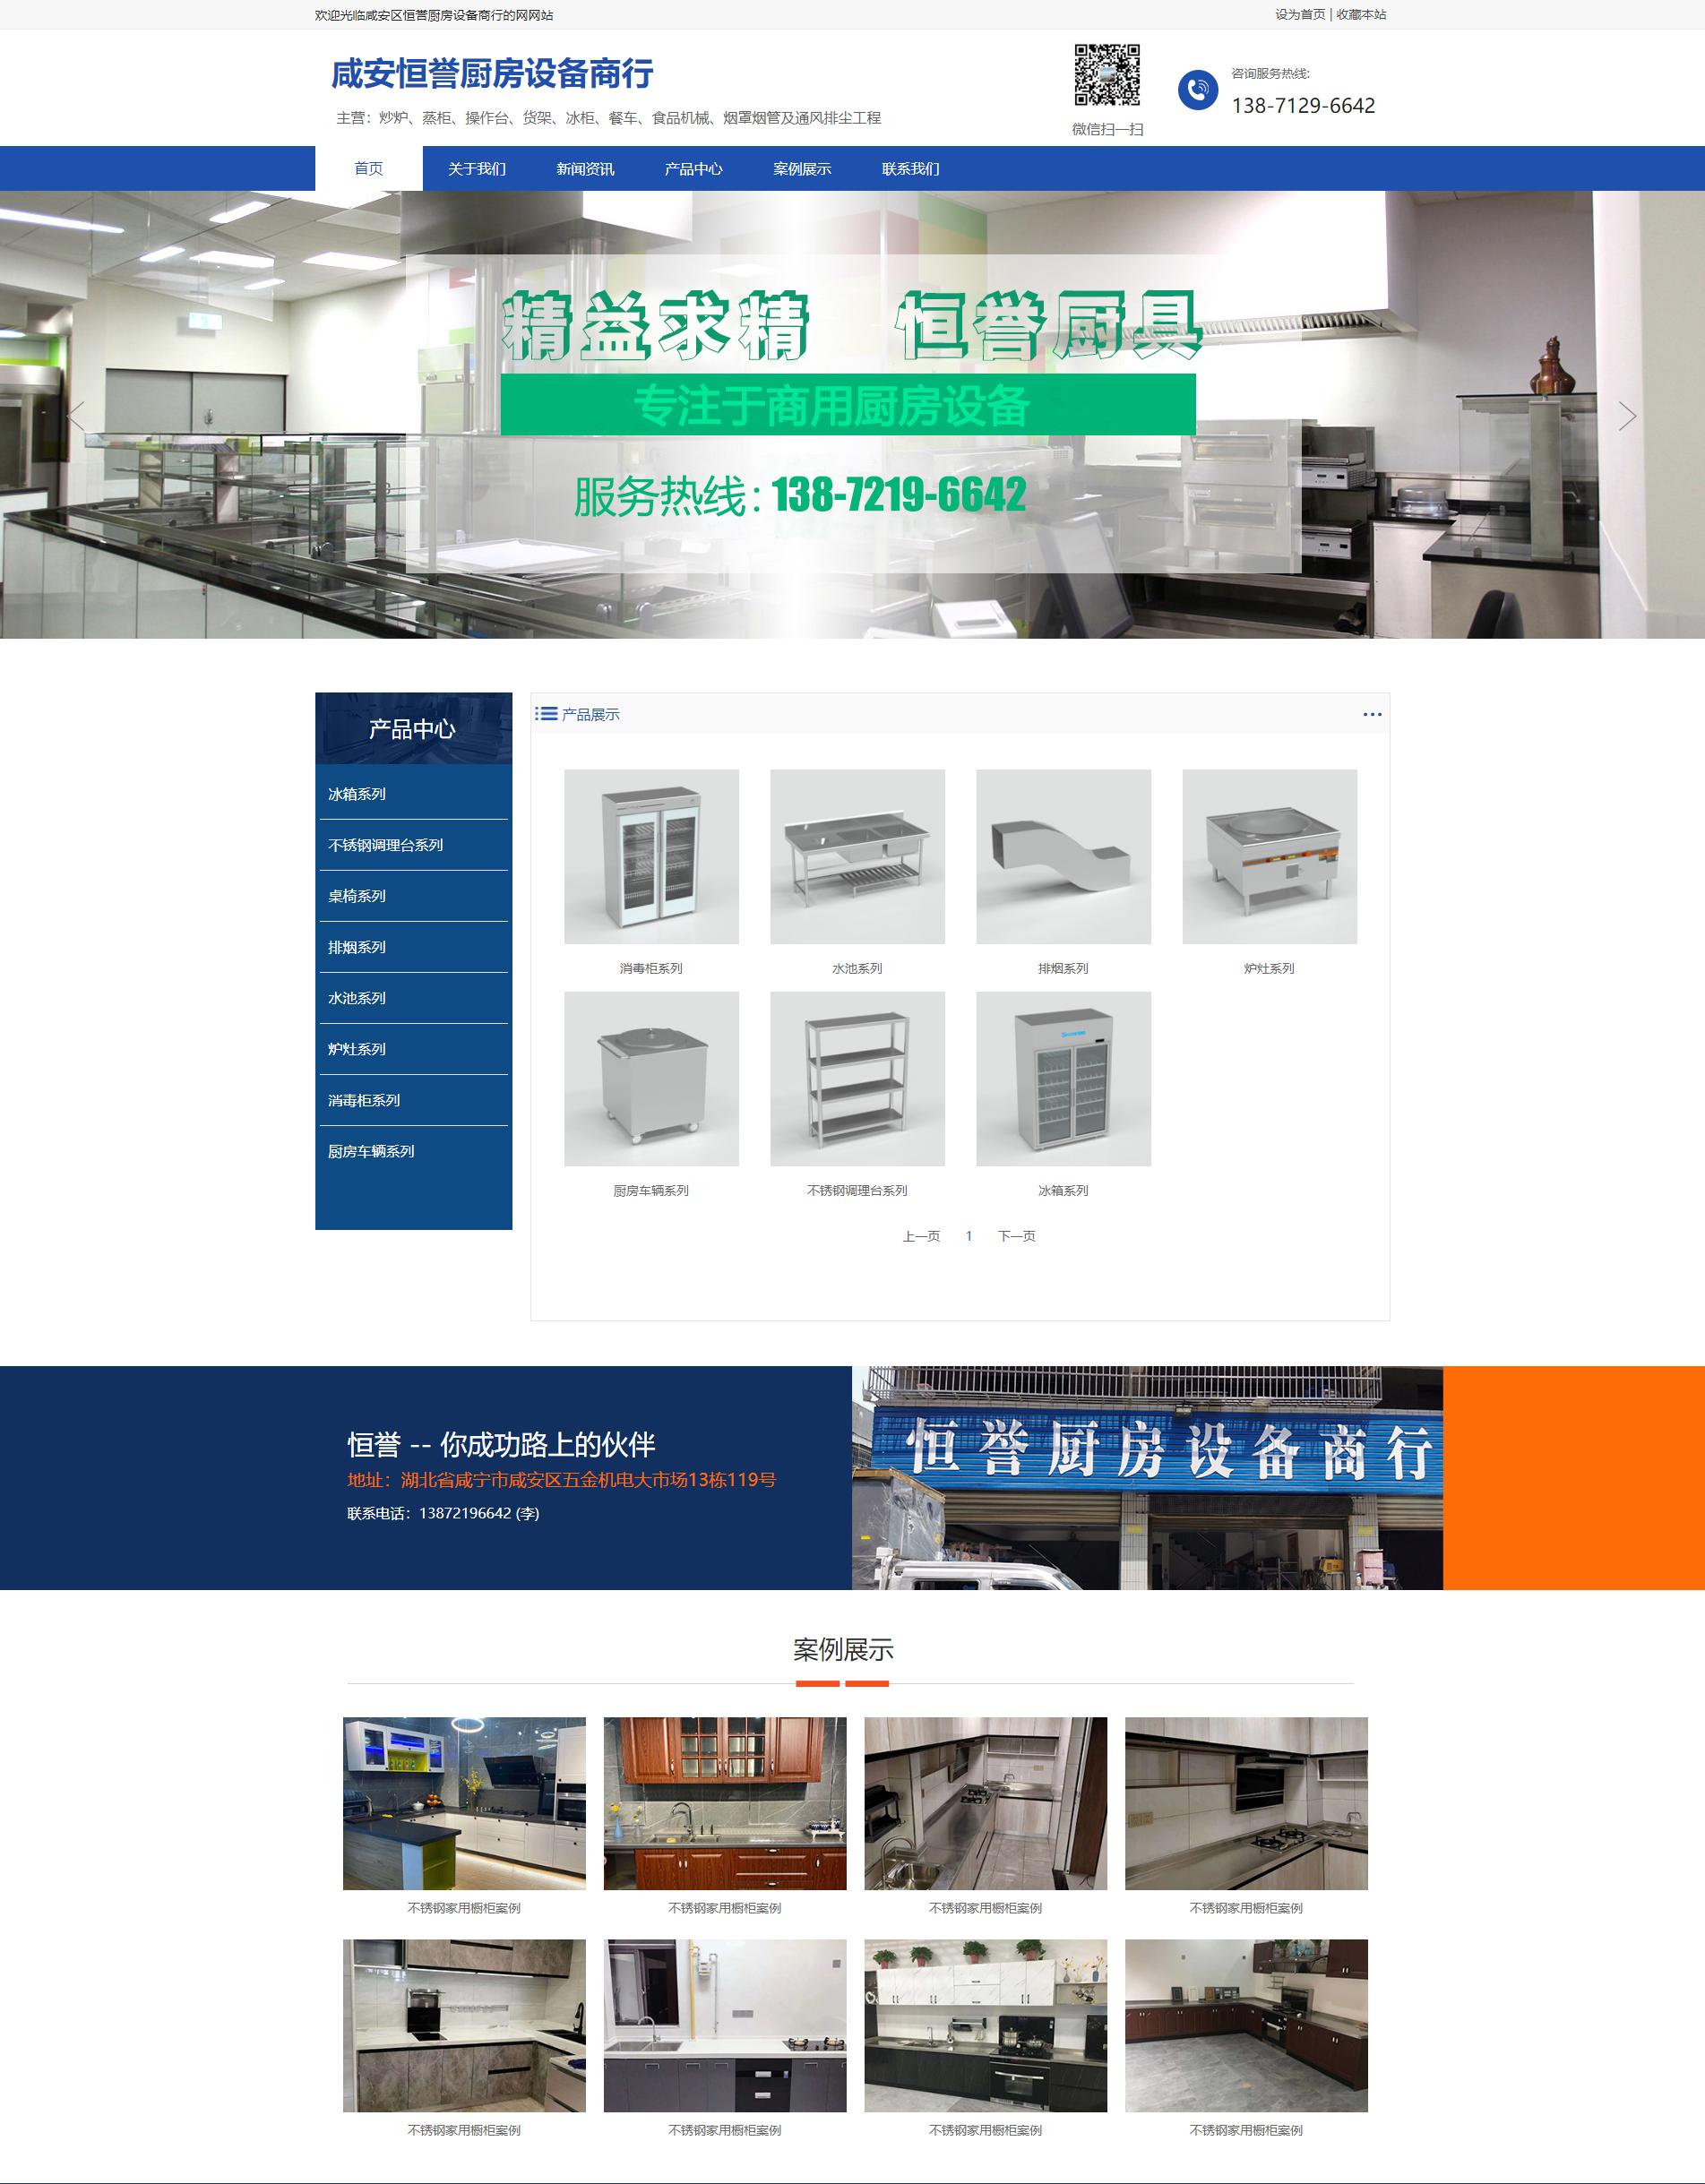 咸安区恒誉厨房设备商行.png